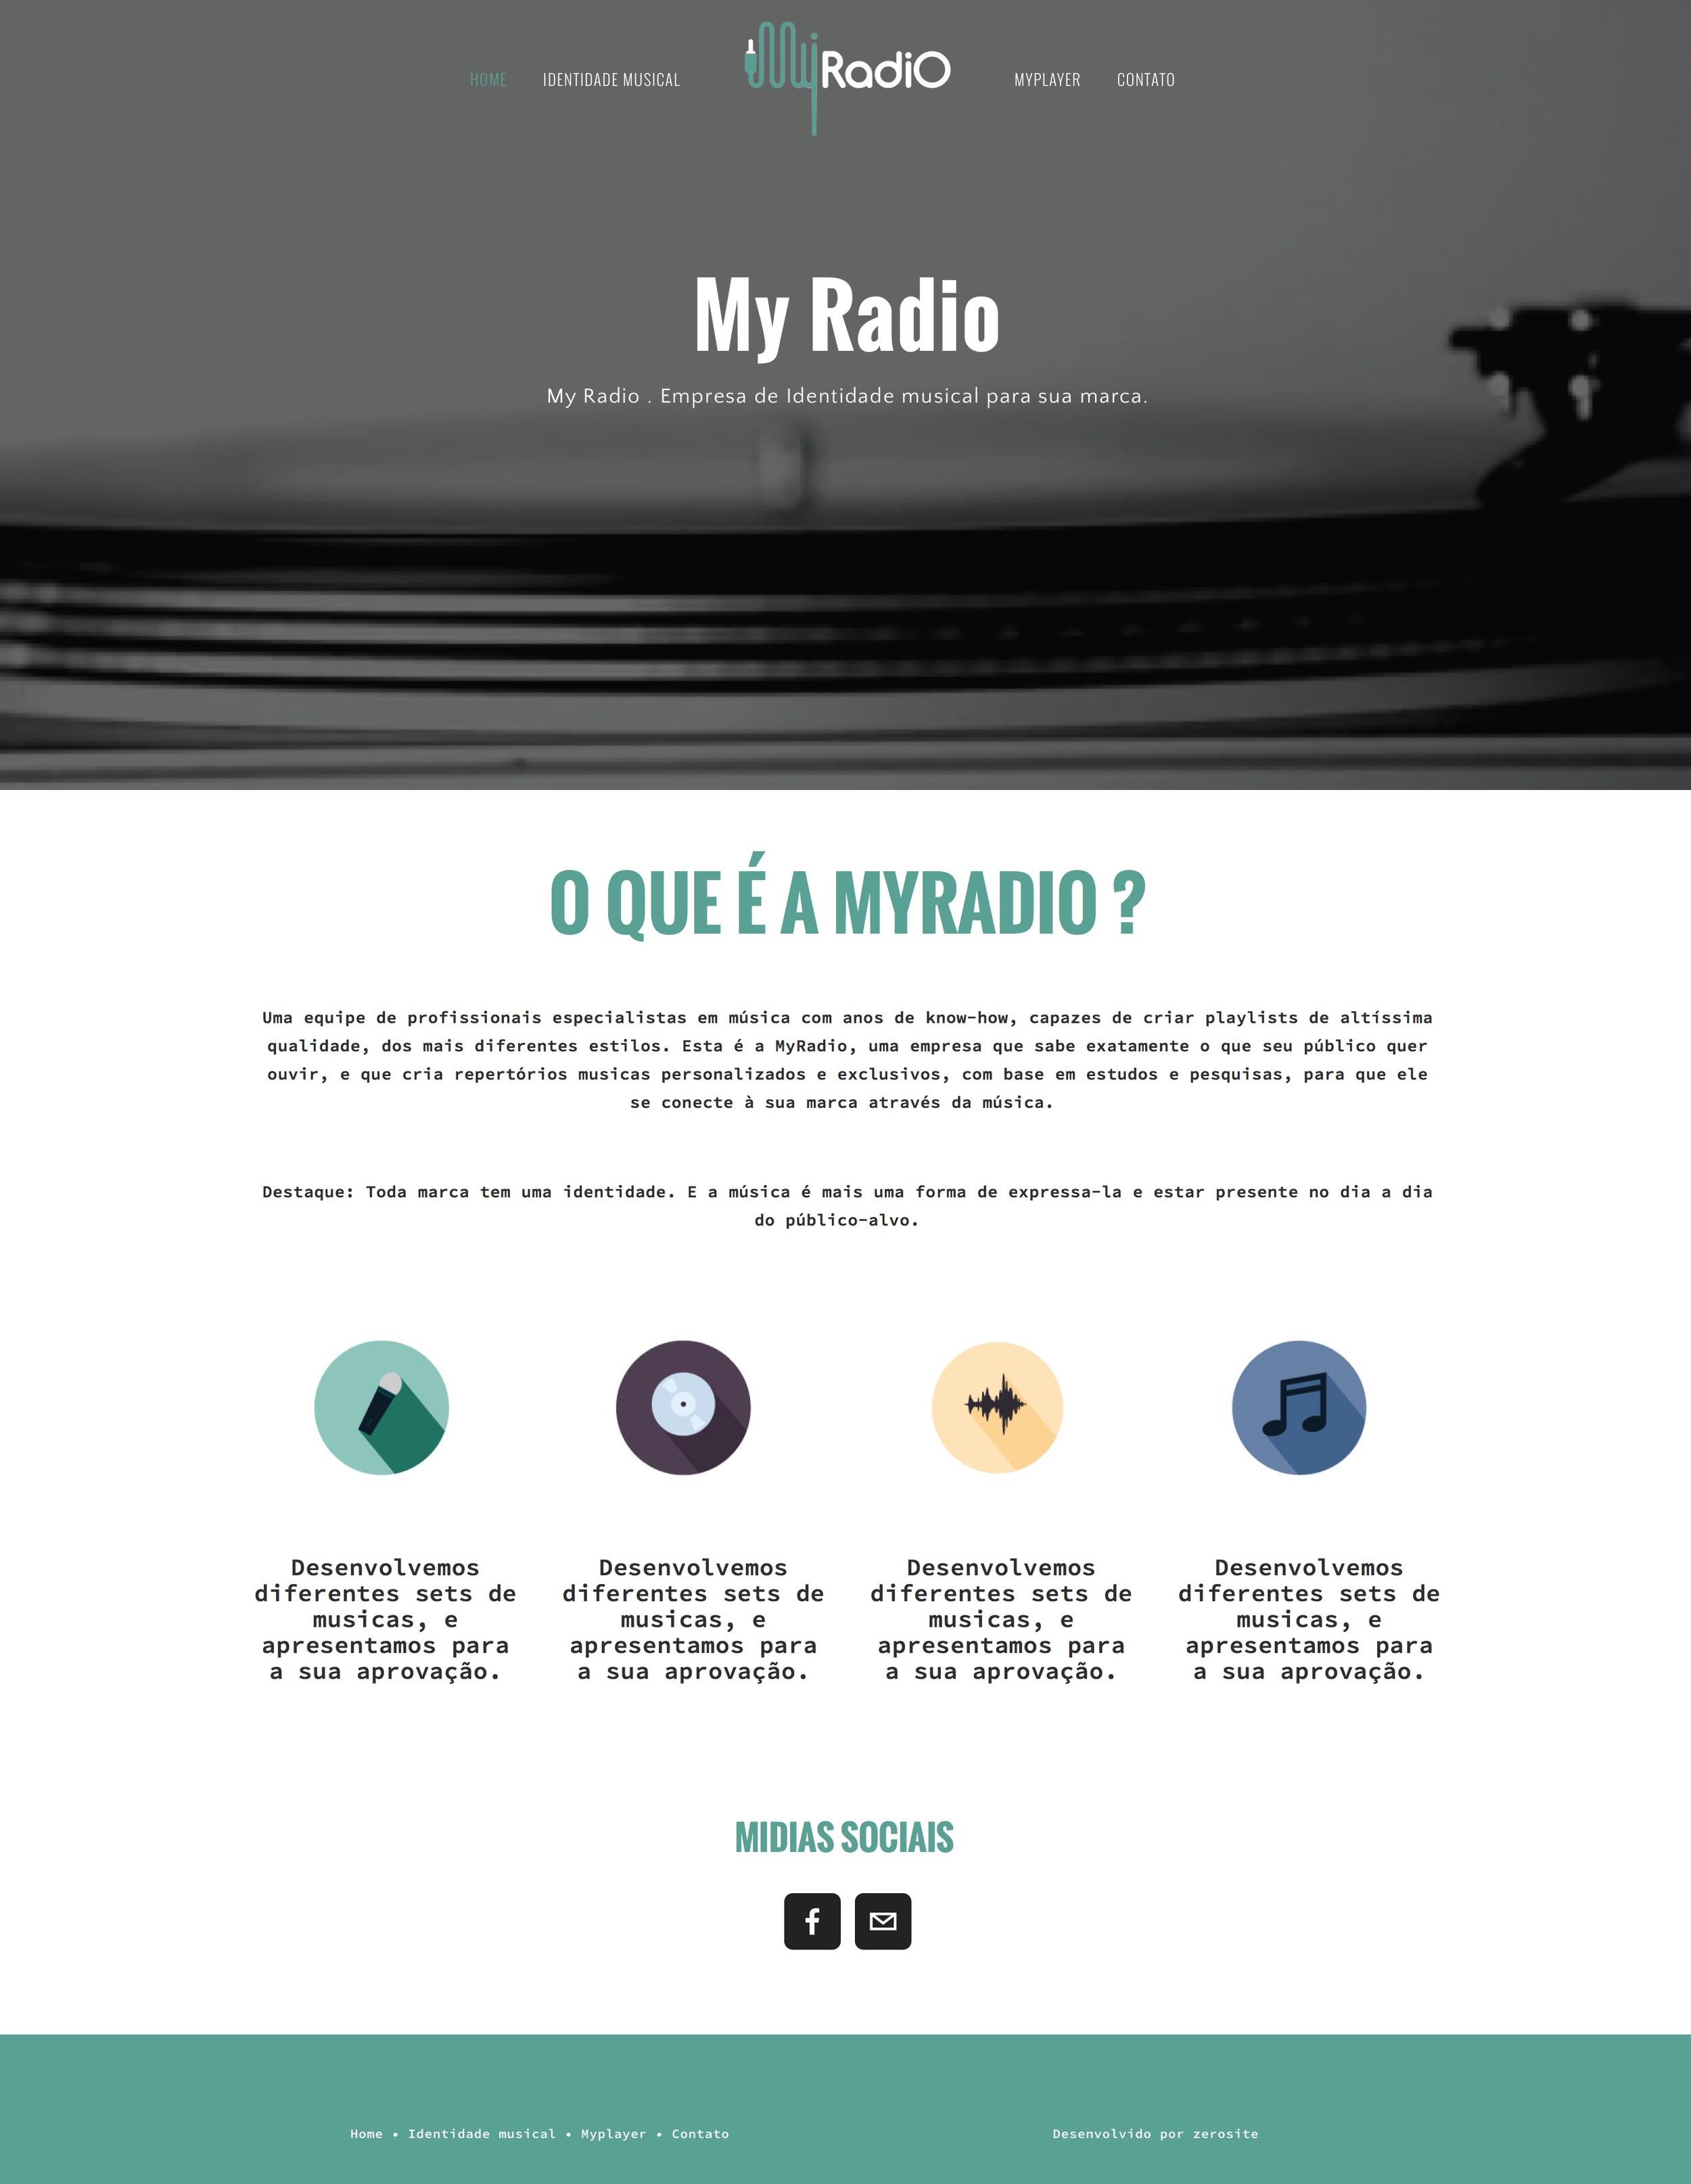 Myradio.jpg